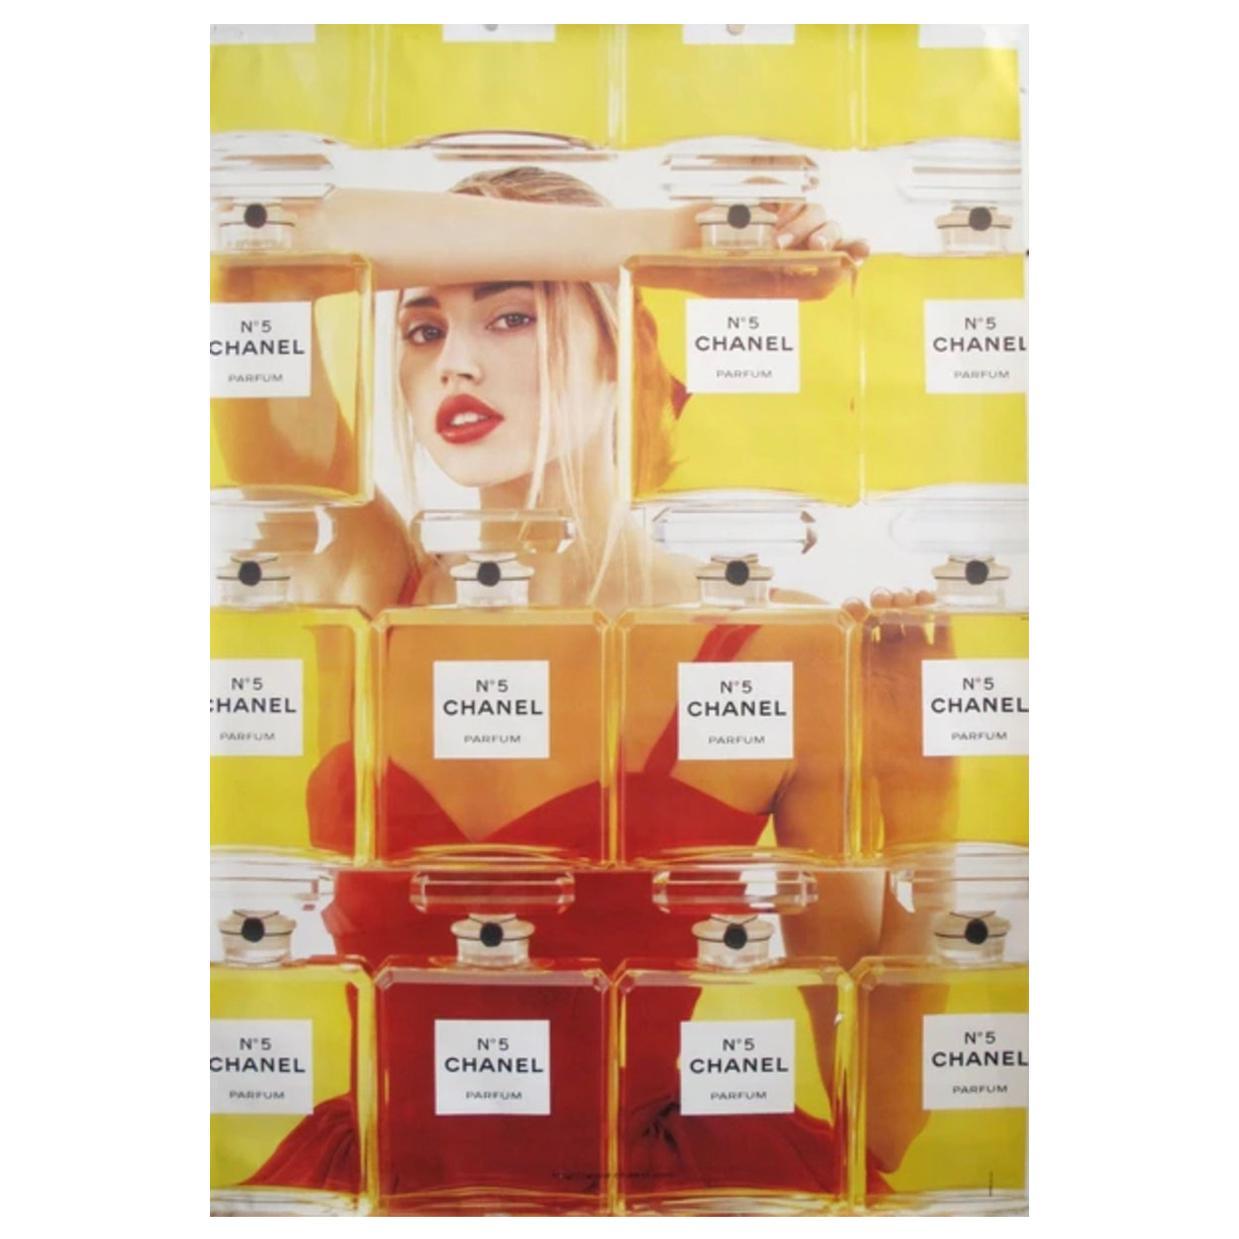 Original Vintage Poster 1999 Chanel No. 5 Poster Perfume Bottles